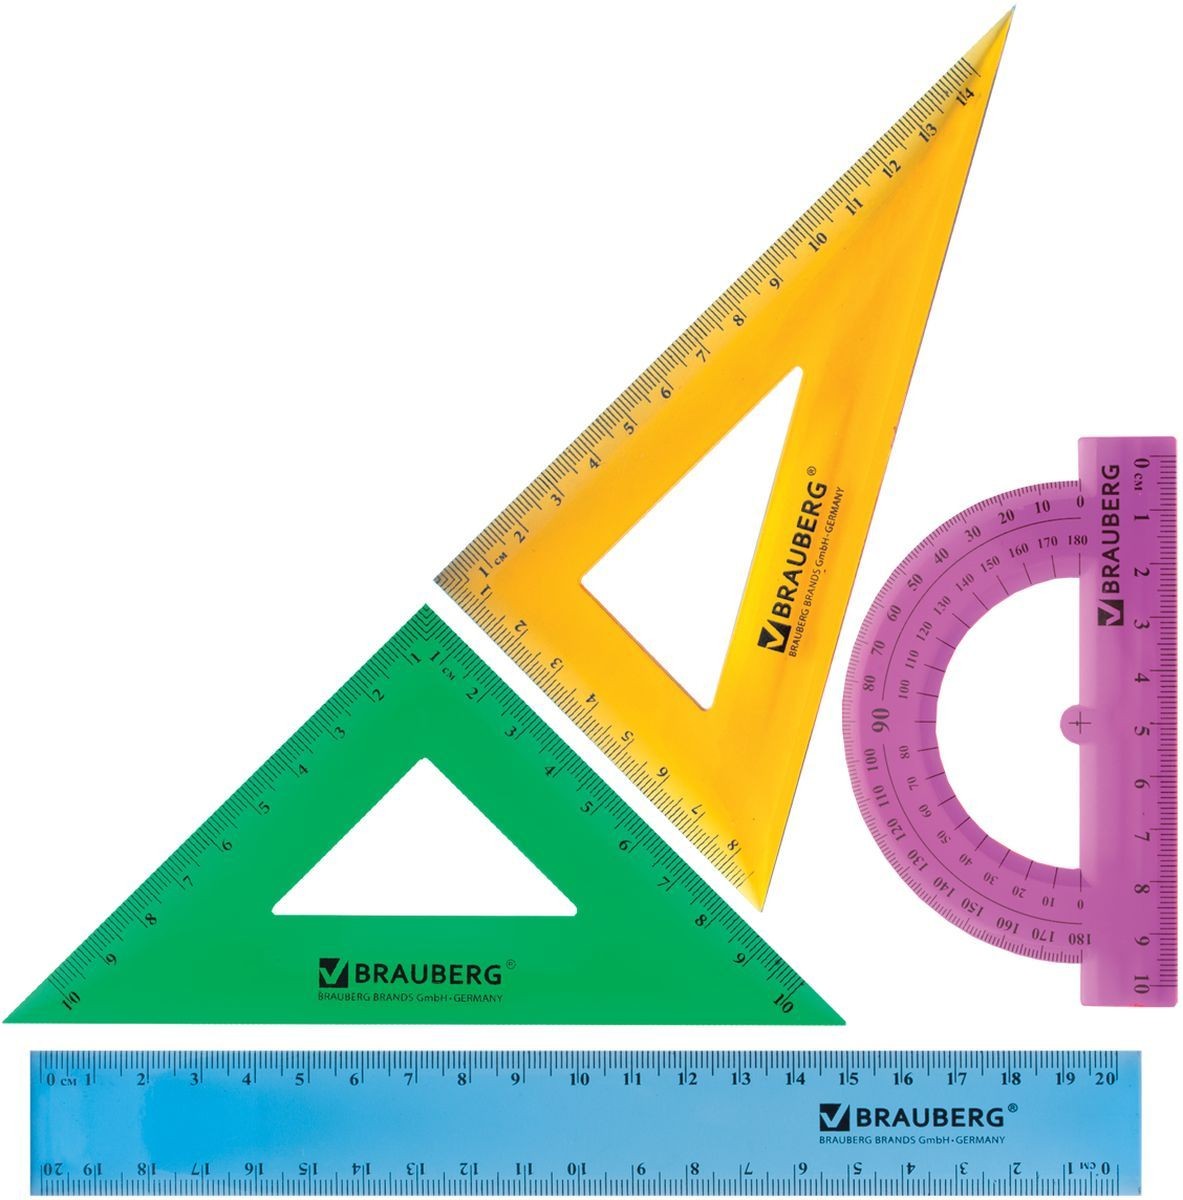 Brauberg Набор чертежный Сrystal 21029655060BKНабор геометрический Brauberg Сrystal из яркого, прочного пластика толщиной 1,6 - 2 мм. Предназначен для чертёжных работ.Набор включает в себя четыре предмета: линейка со шкалами 20 см/20 см, треугольник с углами 30°/60° и шкалами 14,5 см/8,5 см, треугольник с углами 45°/45° и шкалами 10 см/10 см, транспортир 180°.